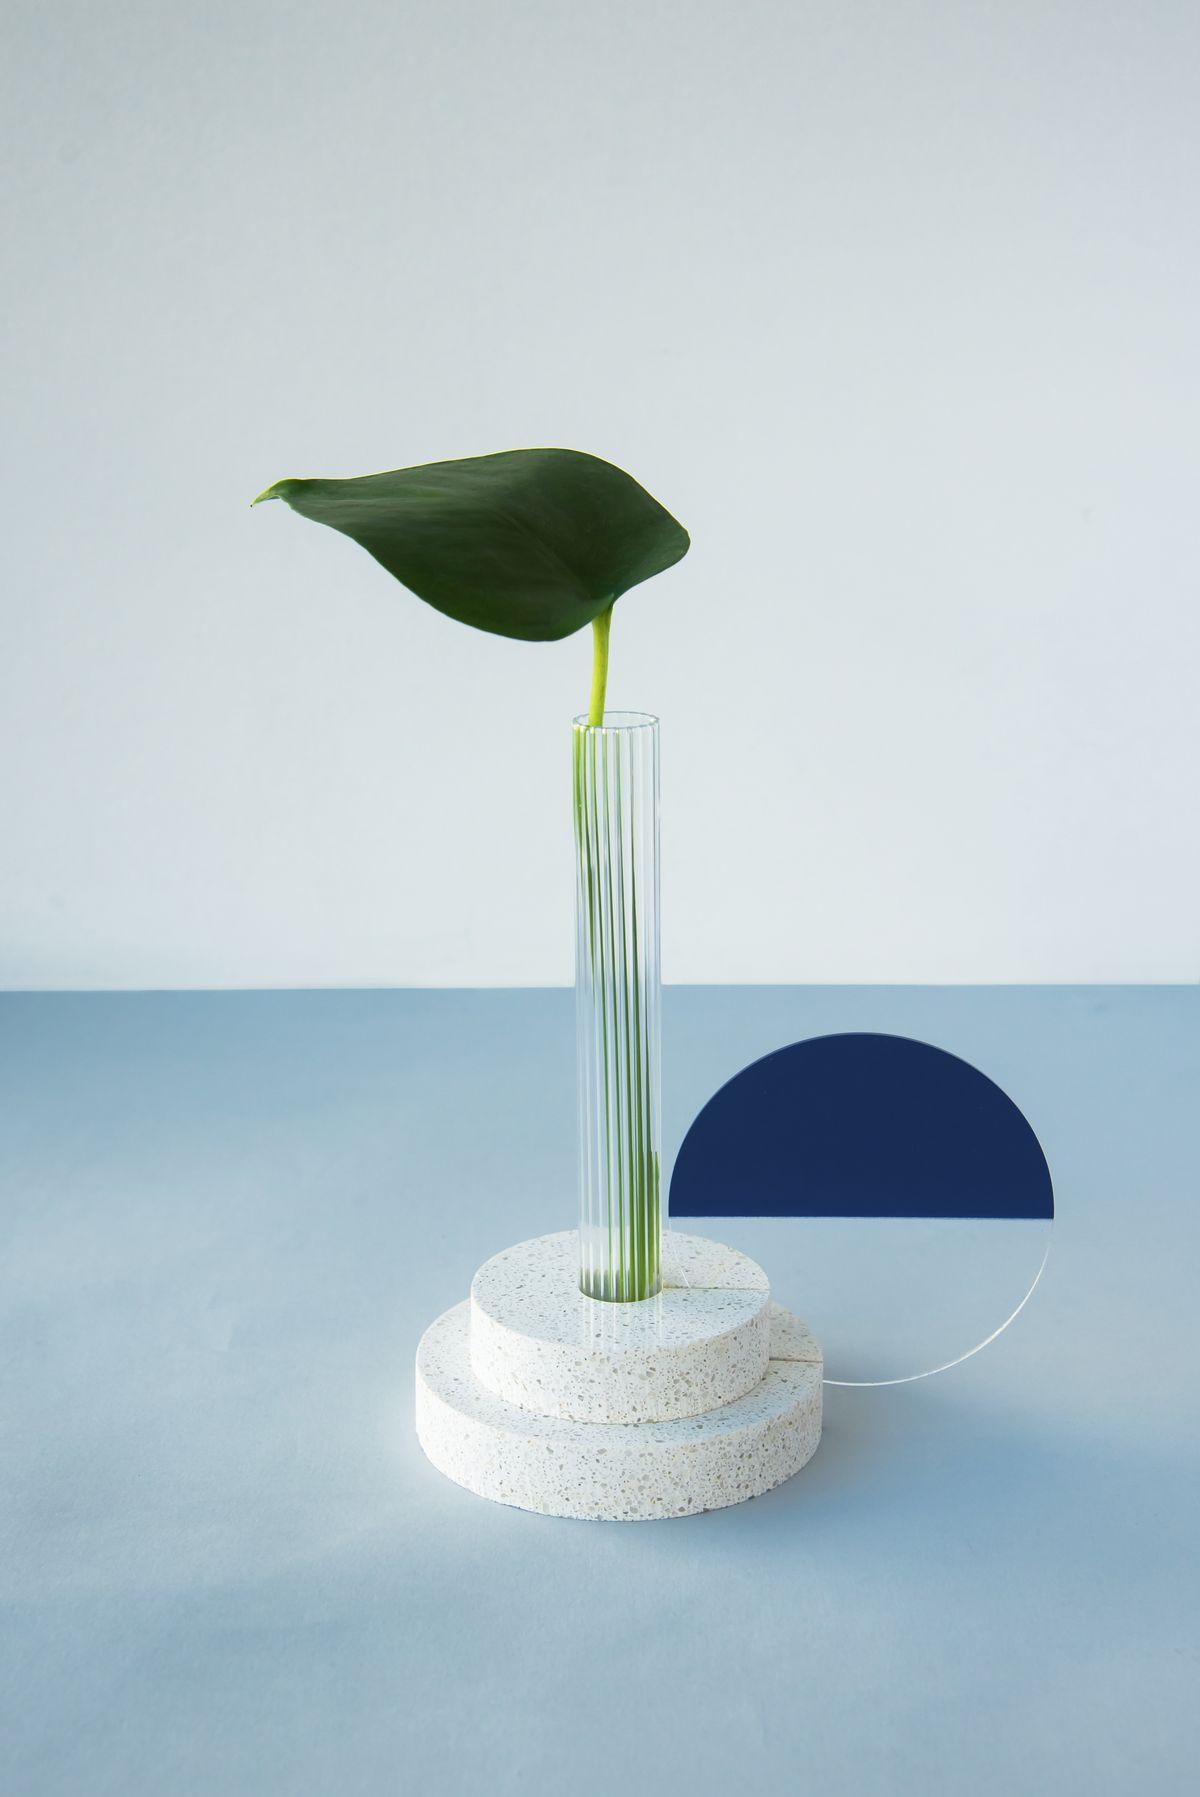 Glass vase with leaf stem